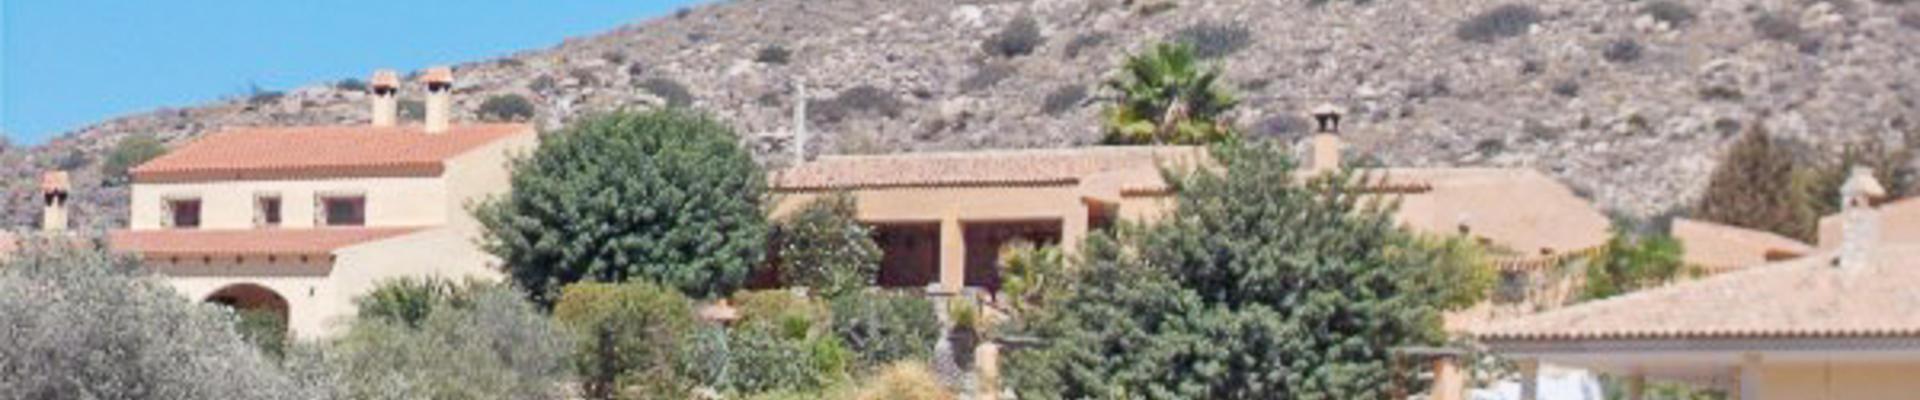 DV1408: 3 Bedroom Villa for Sale